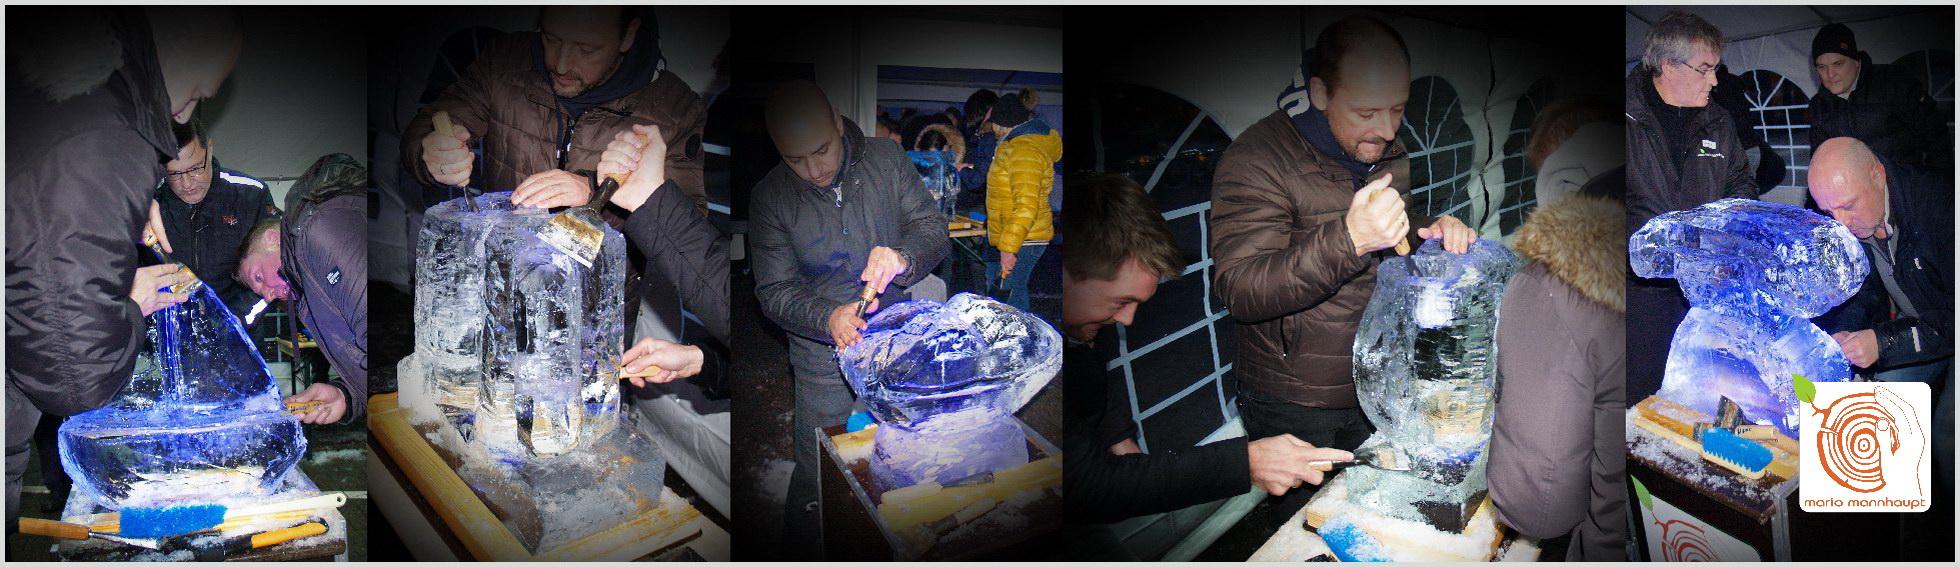 Teamevent Eisschnitzen mit dem Künstler Mario Mannhaupt